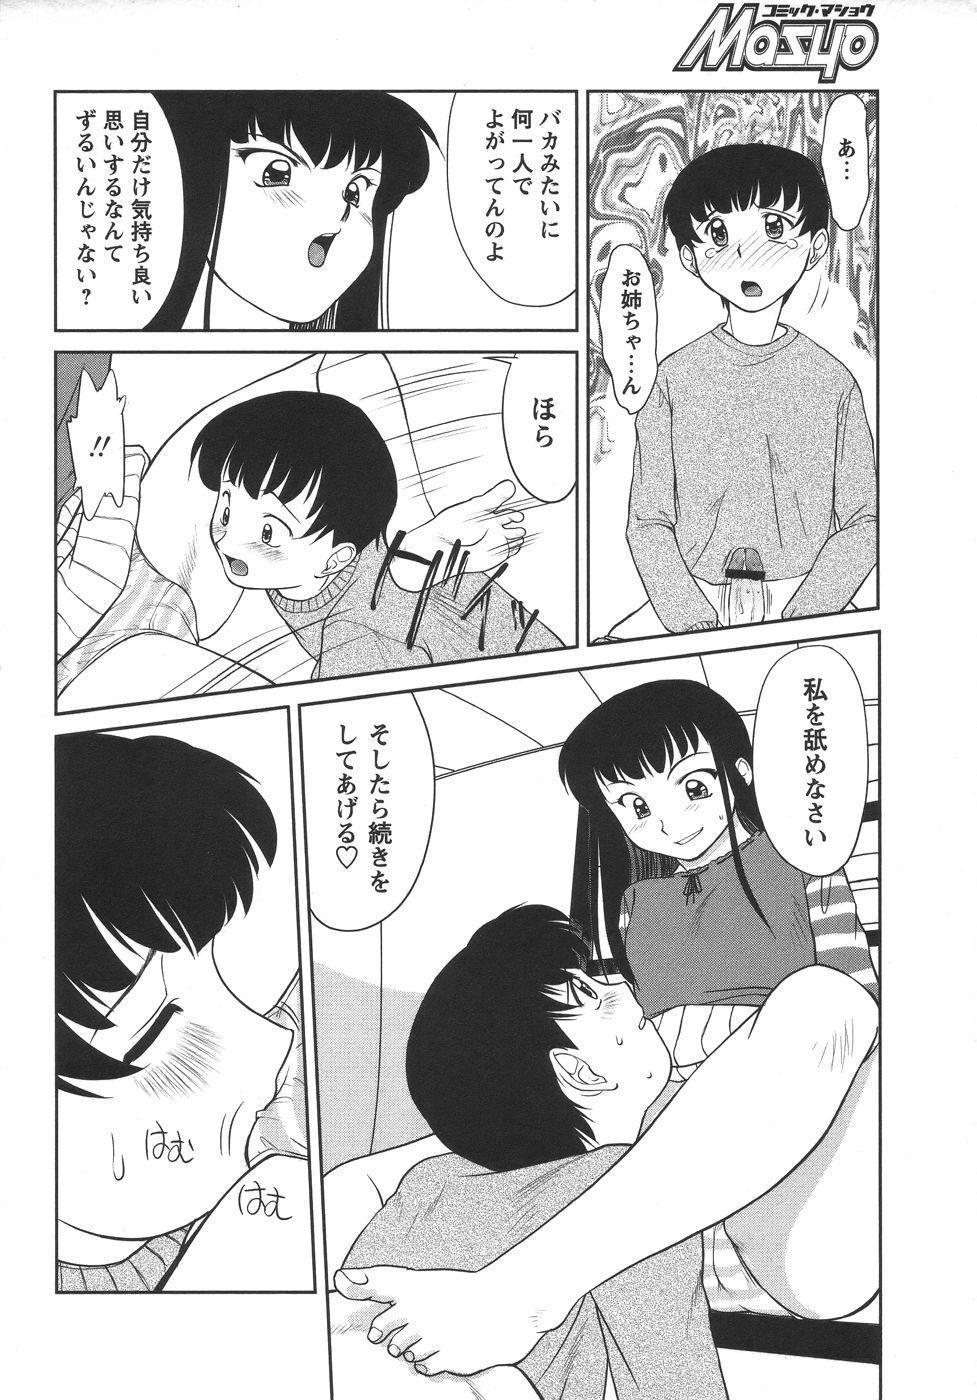 Comic Masyo 2006-06 129